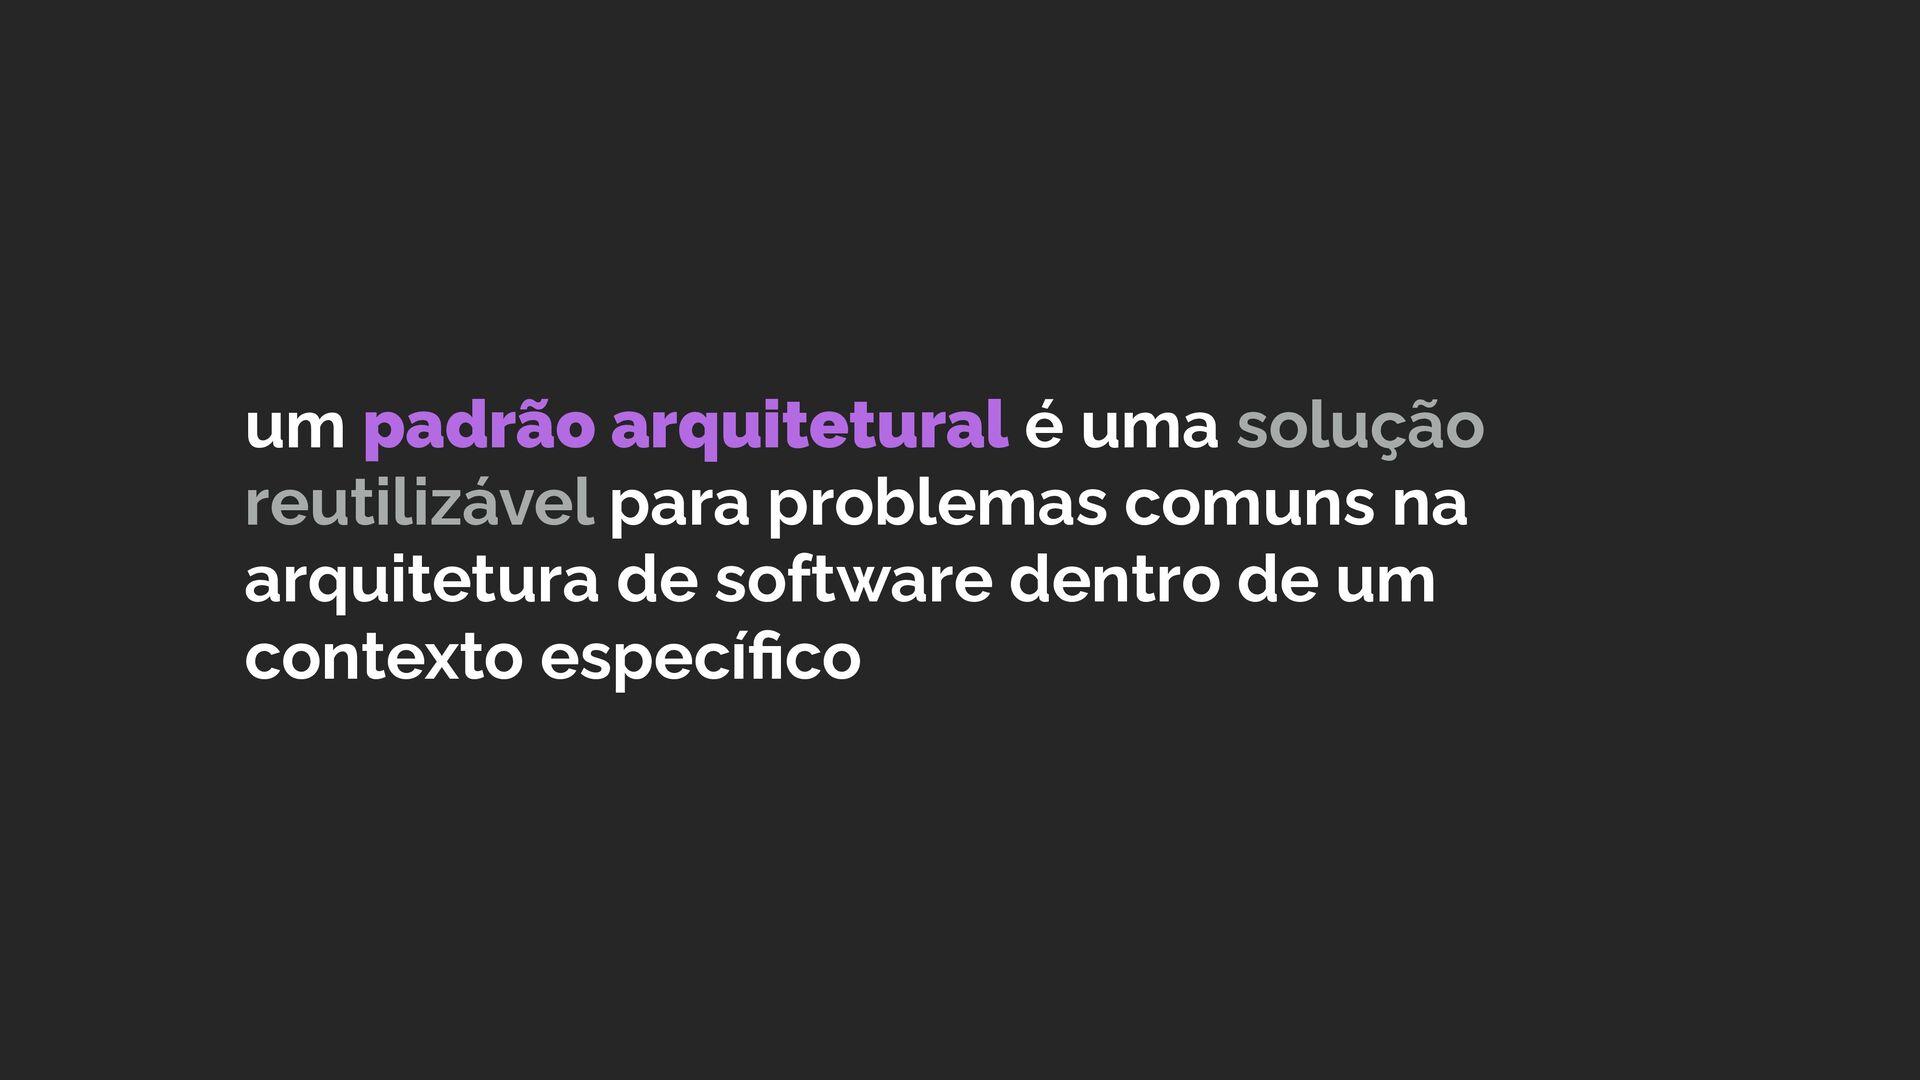 um padrão arquitetural é uma solução reutilizáv...